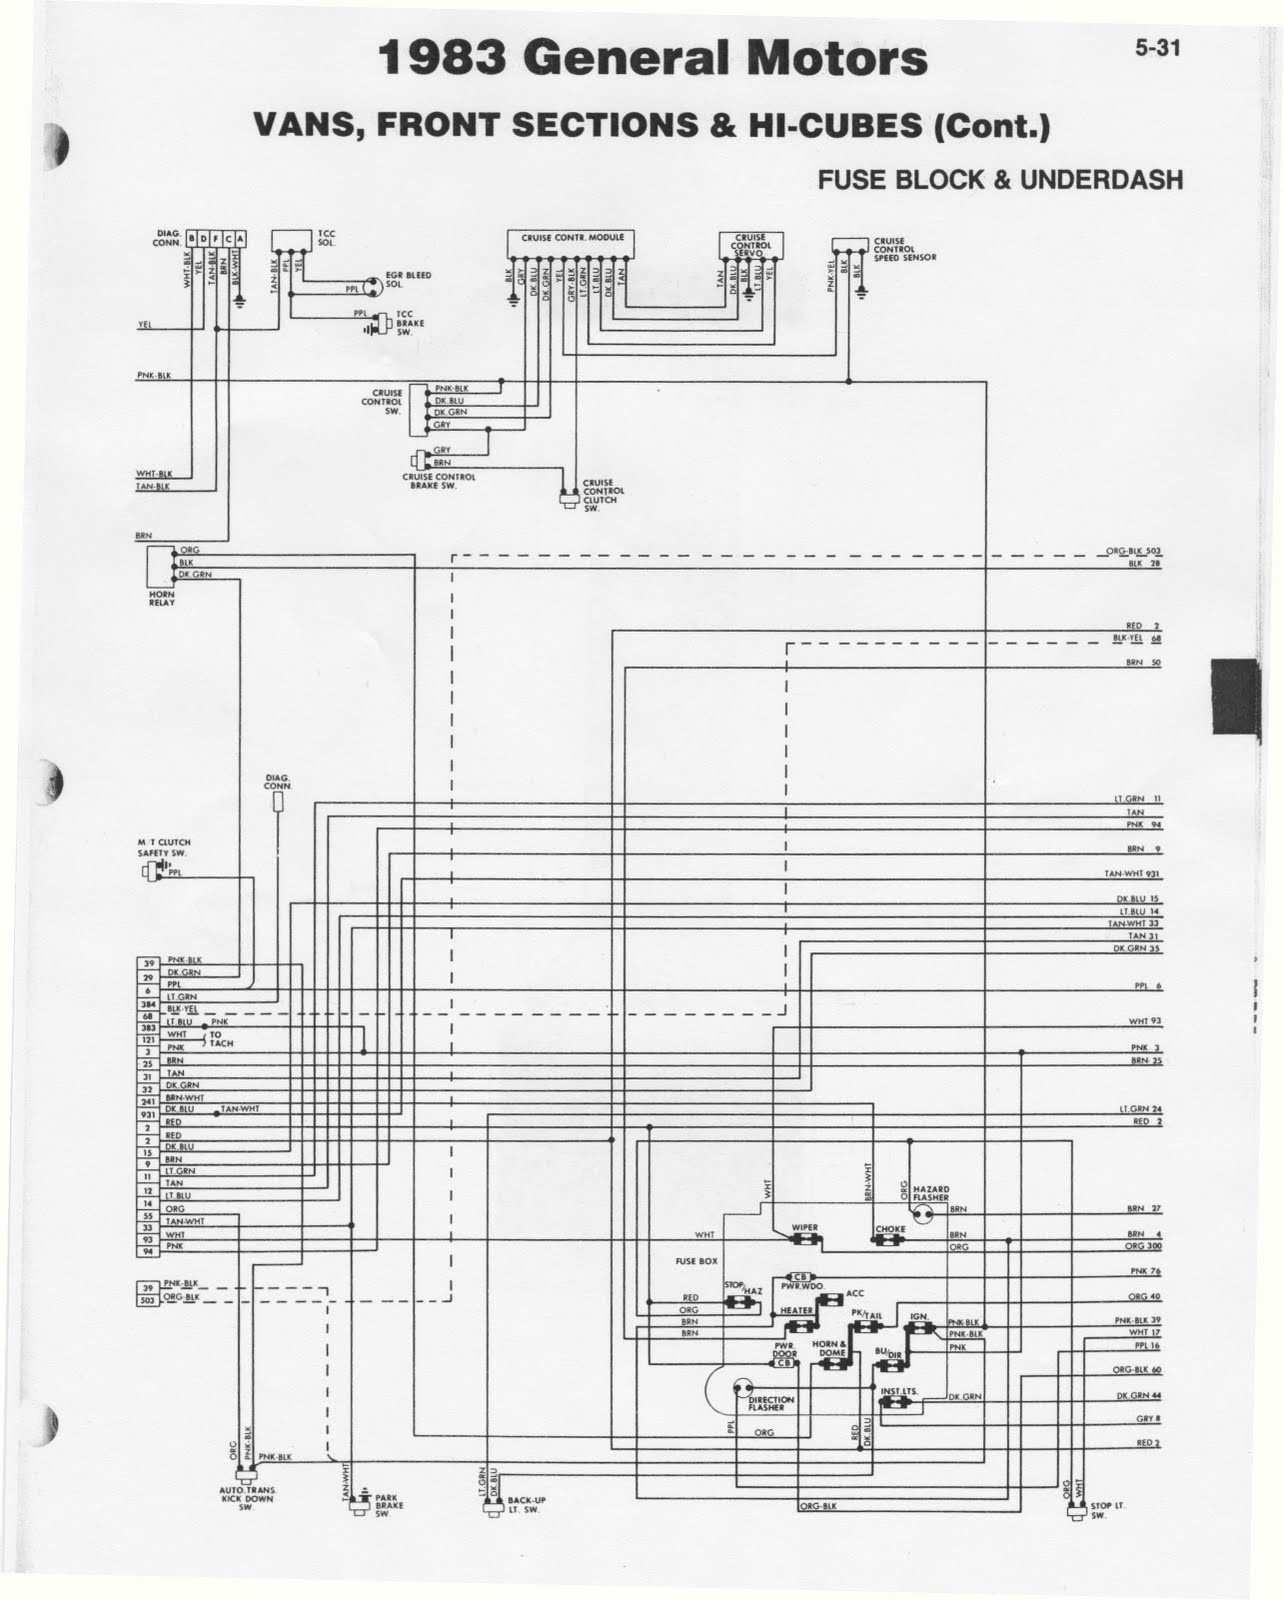 1994 pace arrow wiring diagram schematic schema wiring diagram preview  1994 pace arrow wiring diagram schematic #5